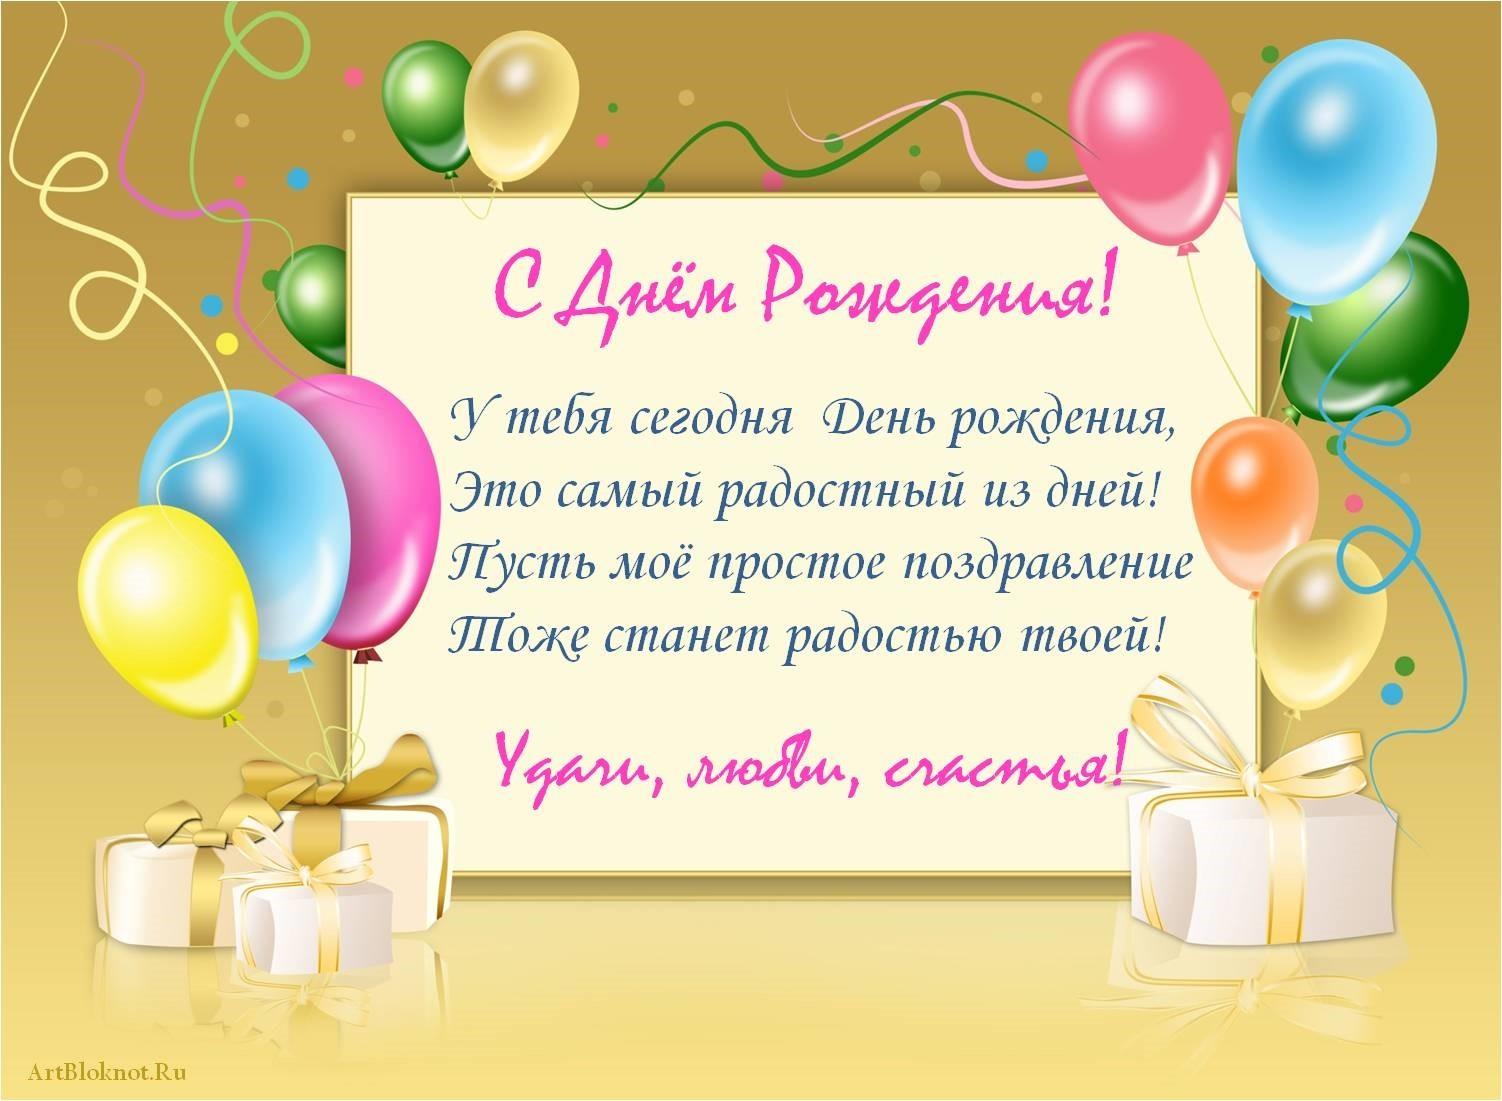 Поздравления с днем рождения 3 года